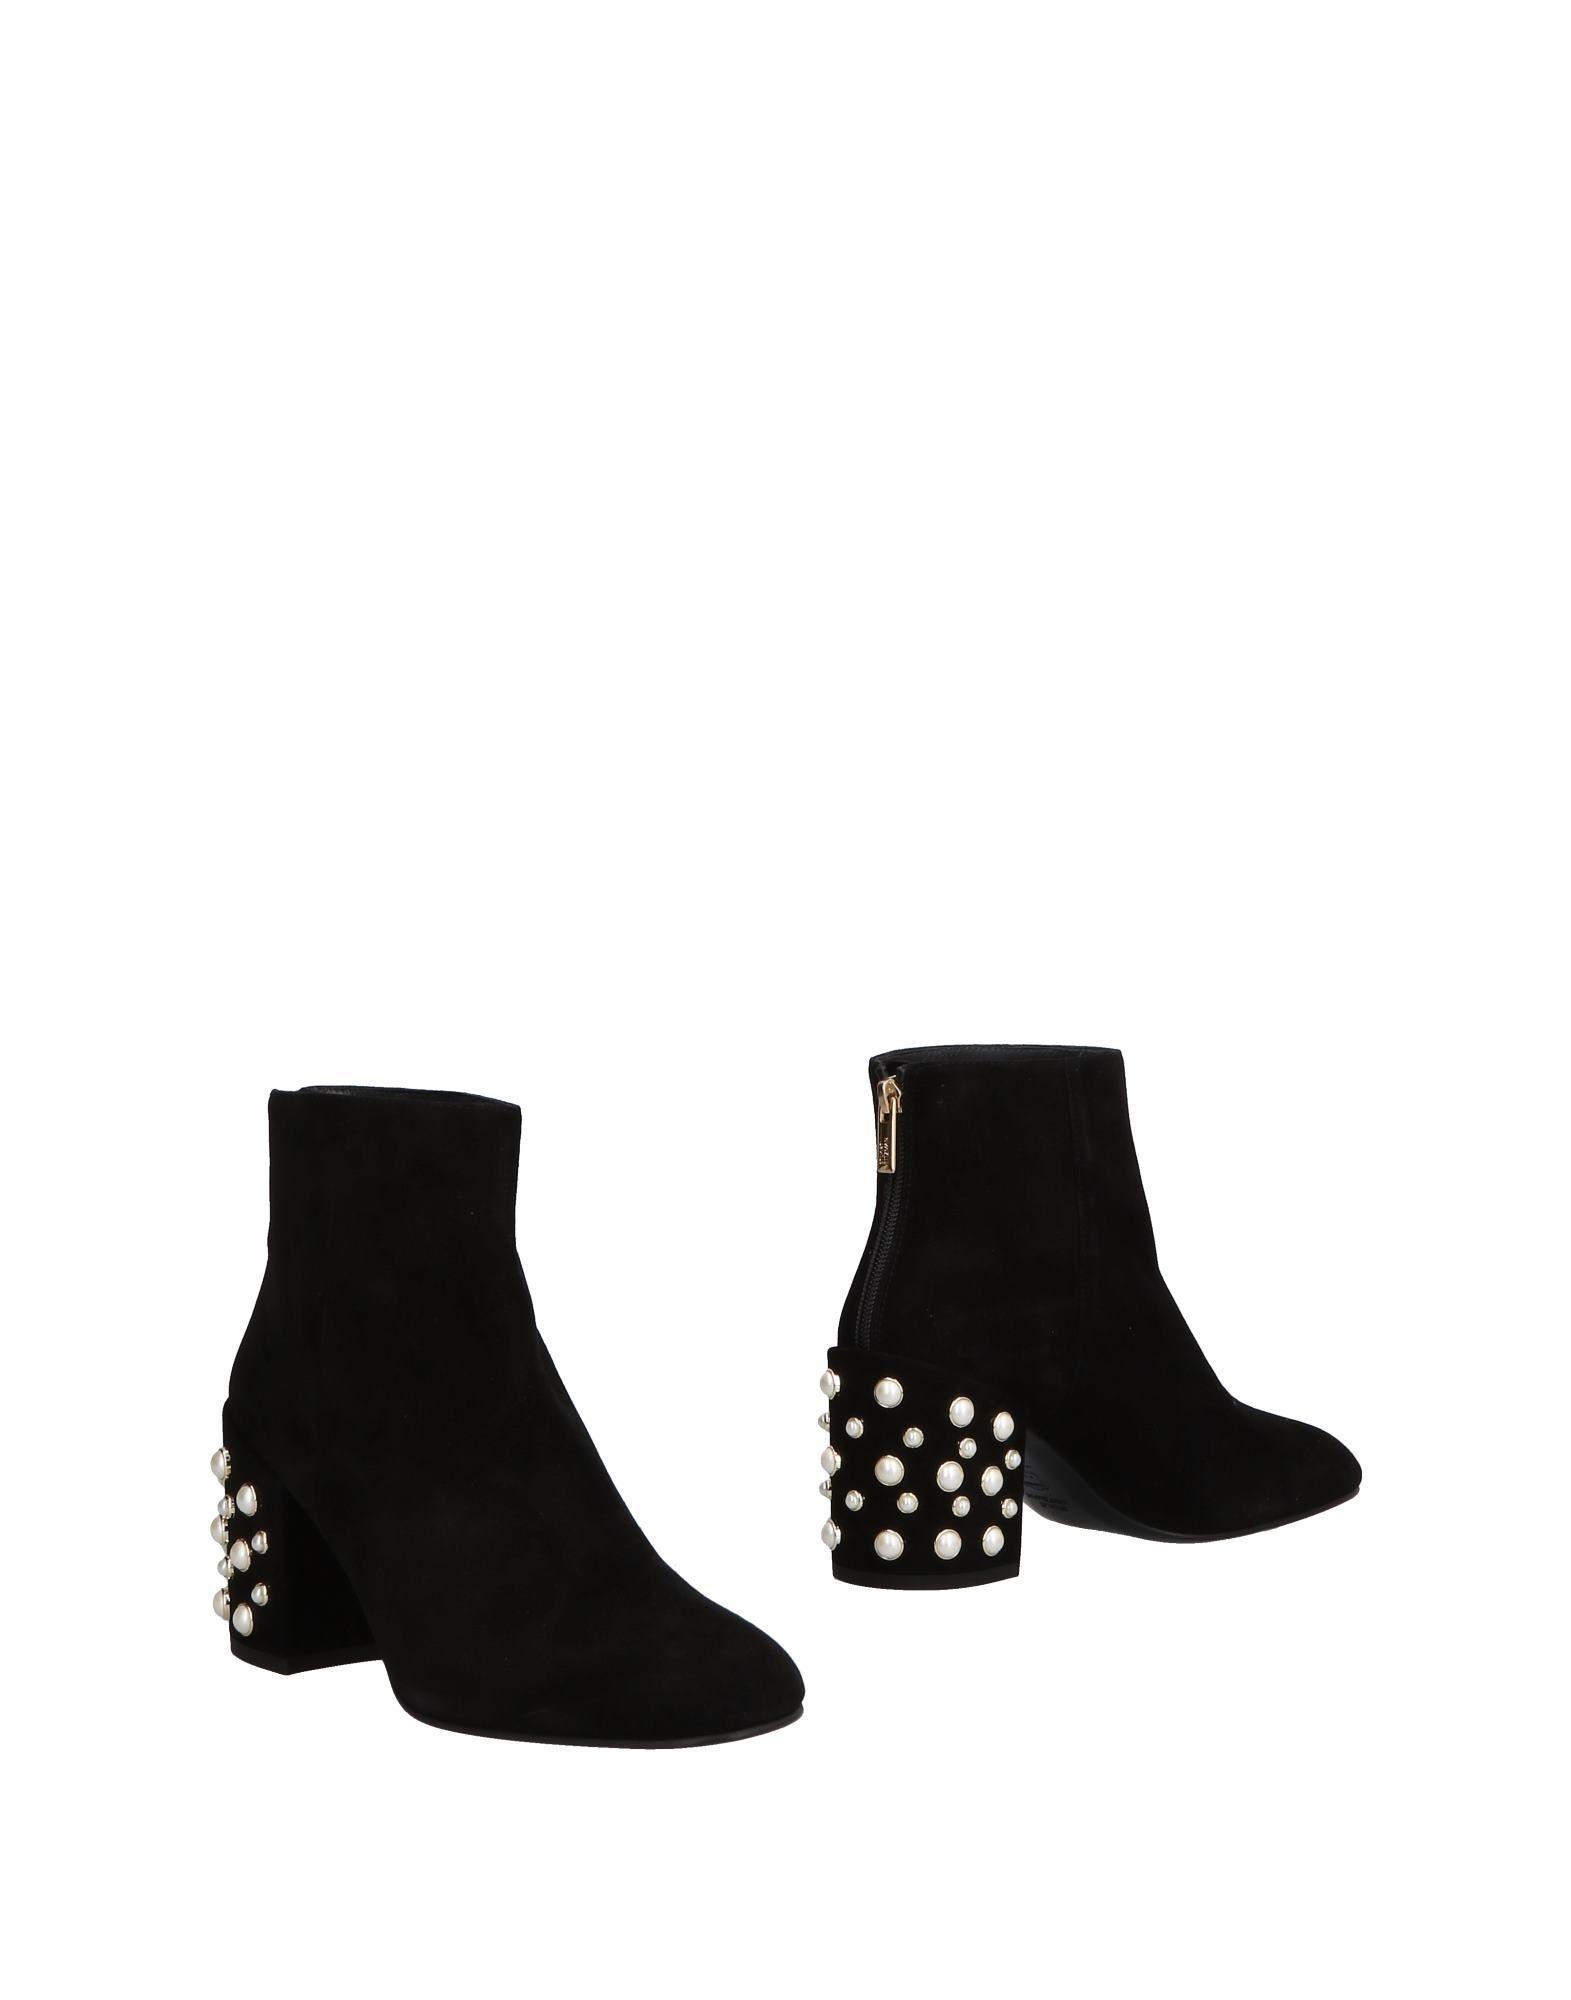 Stuart Weitzman Stiefelette Damen  11505078LOGünstige gut aussehende Schuhe